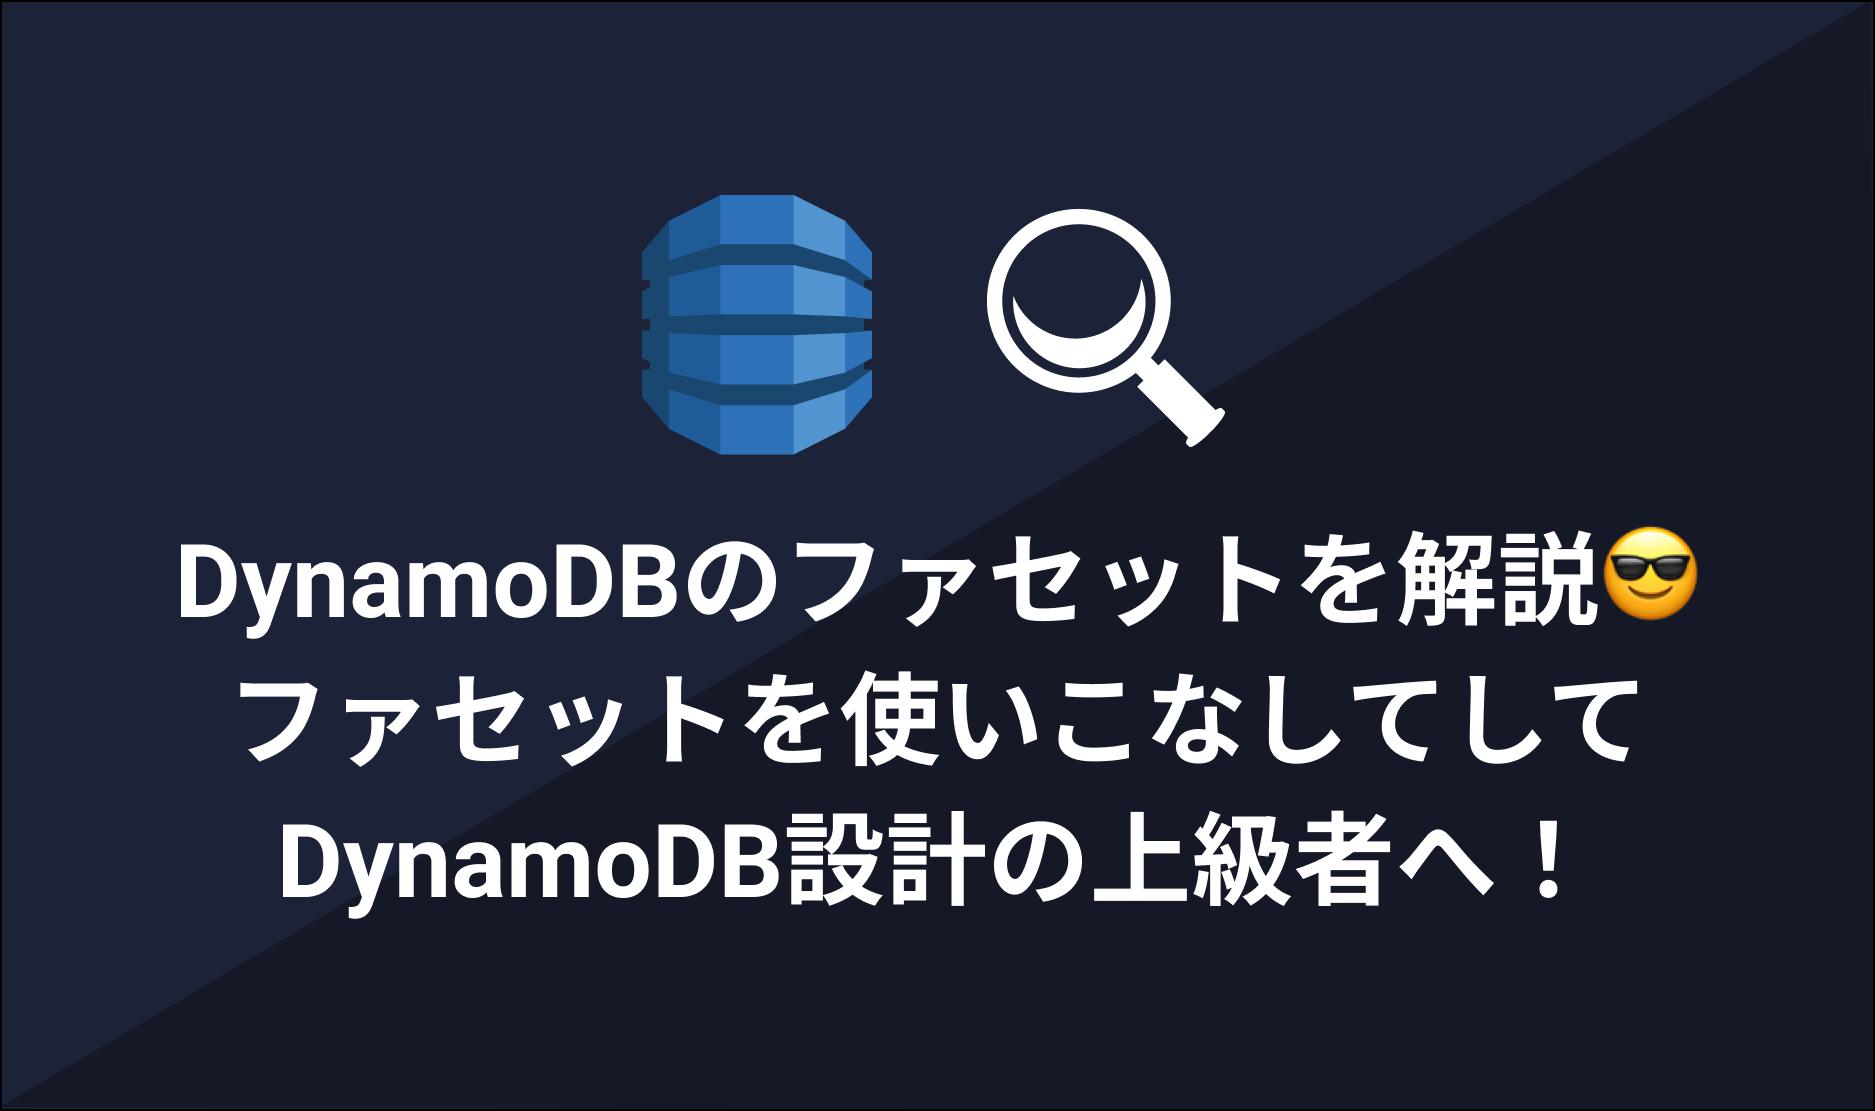 DynamoDBのファセットを解説😎ファセットを使いこなしてしてDynamoDB設計の上級者へ!